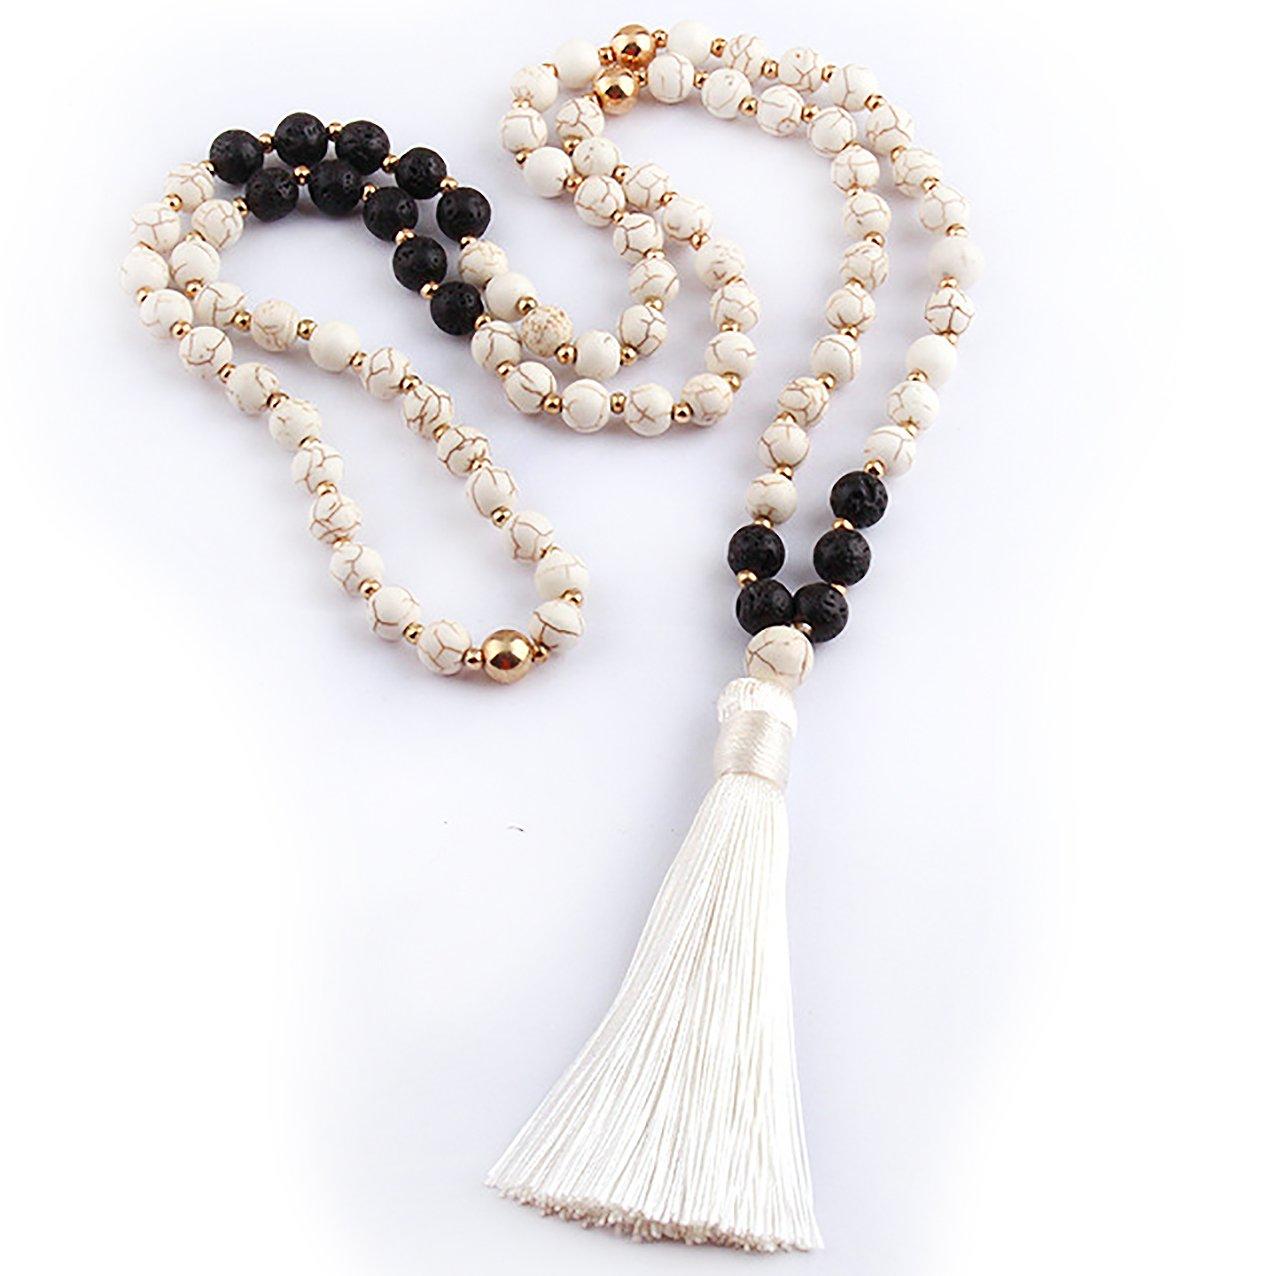 M& B White Black Lavastone Beaded Boho Mala Chakra Necklace 8mm Natural Stone Beads Meditation Yoga